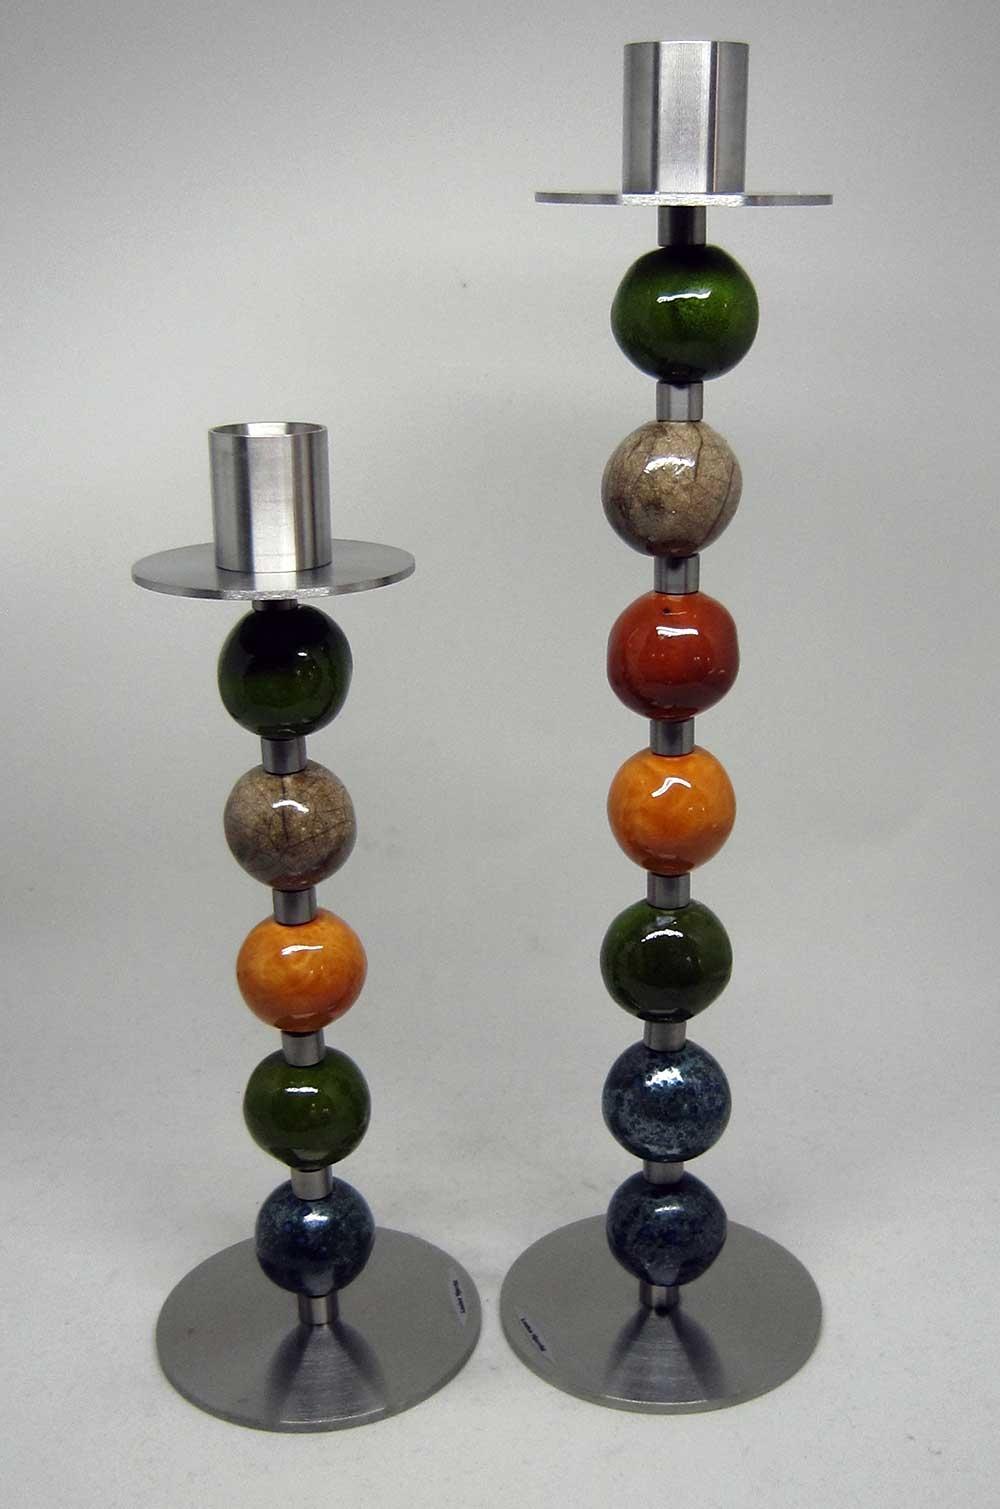 keramik lysestager Keramik lysestager jordfarver af Louise Hjerrild keramik lysestager